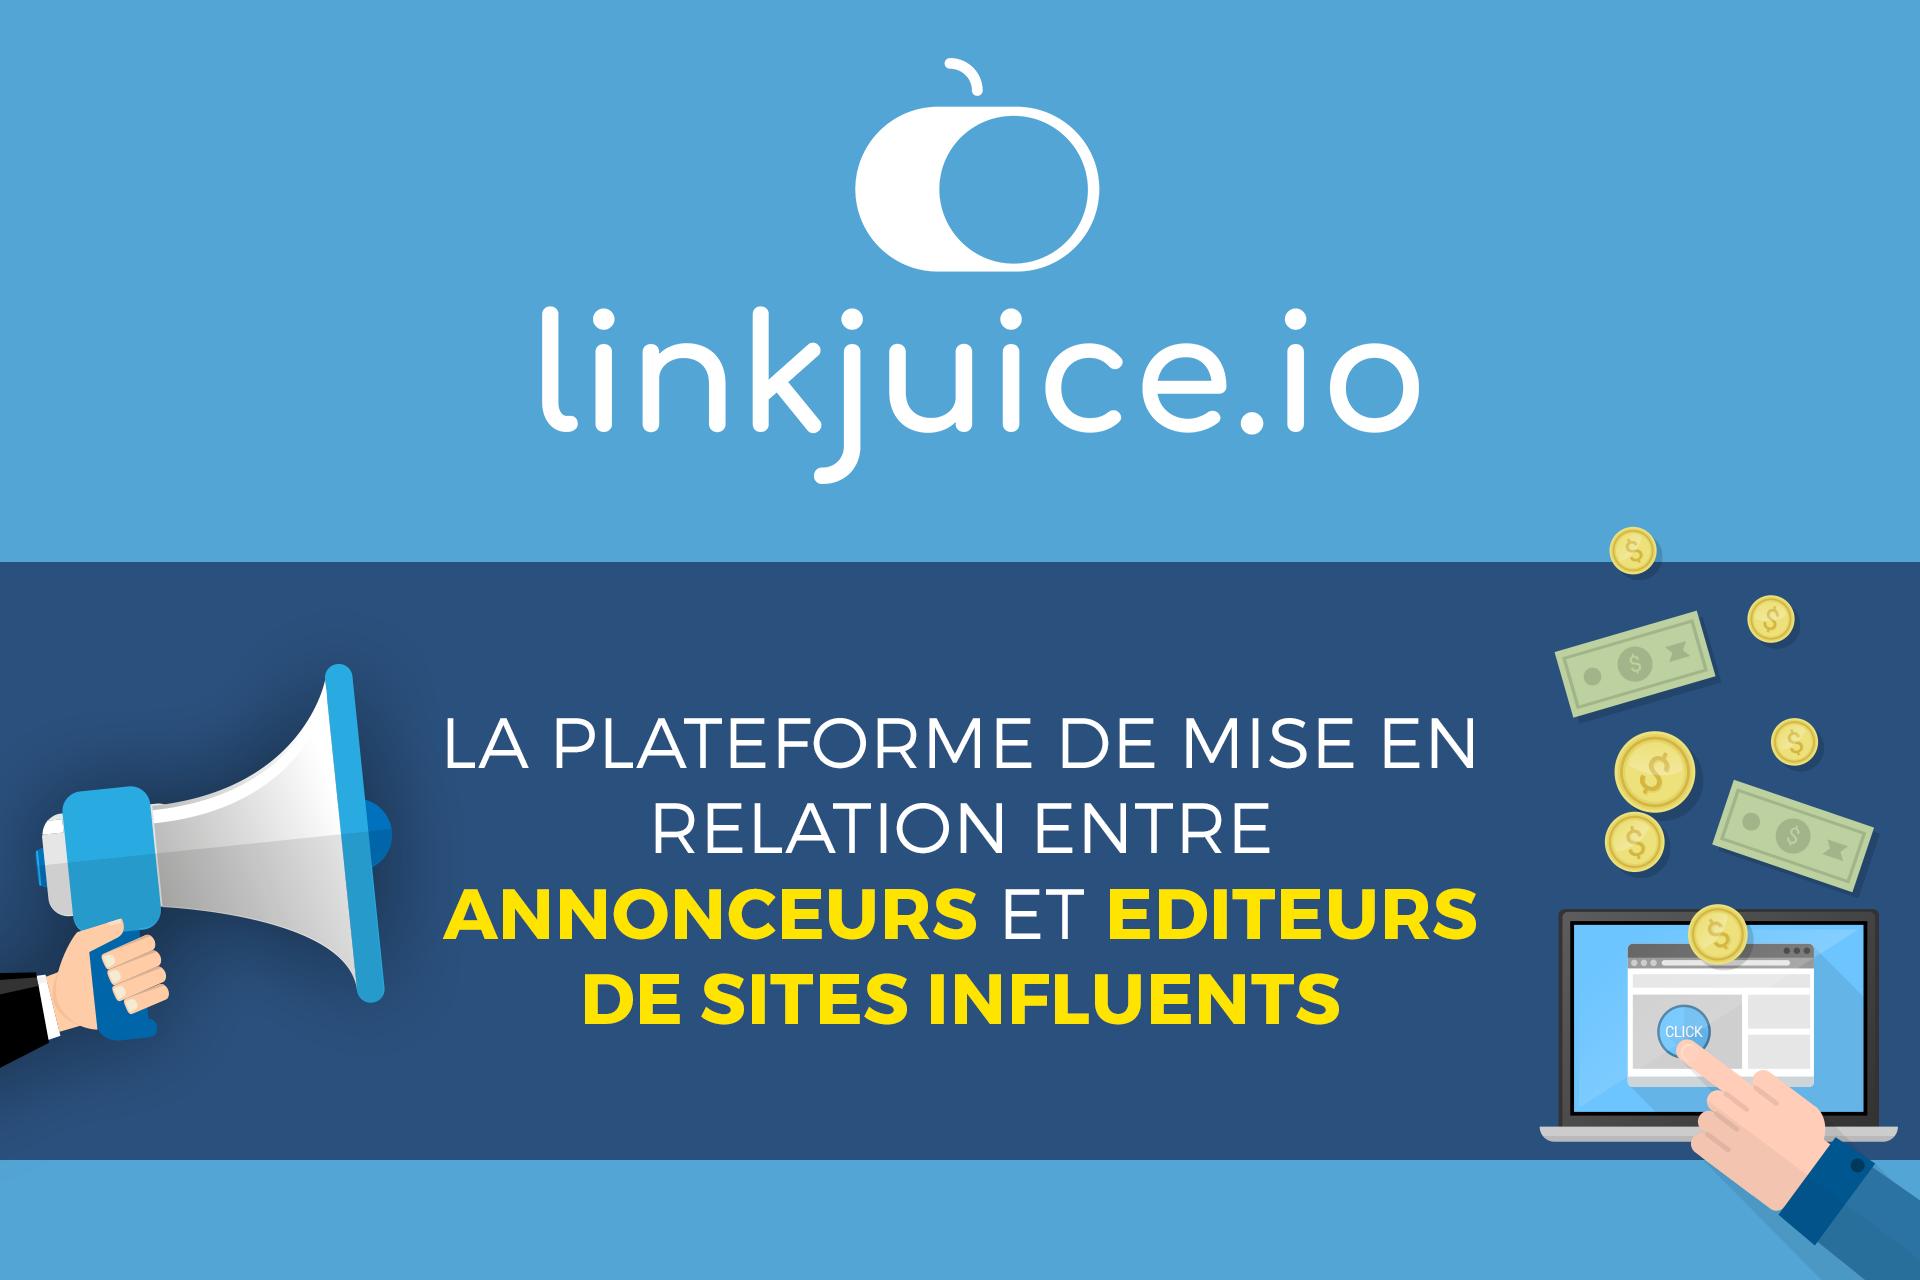 Comment se faire connaitre sur internet avec LinkJuice.io ? (marketing d'influence)